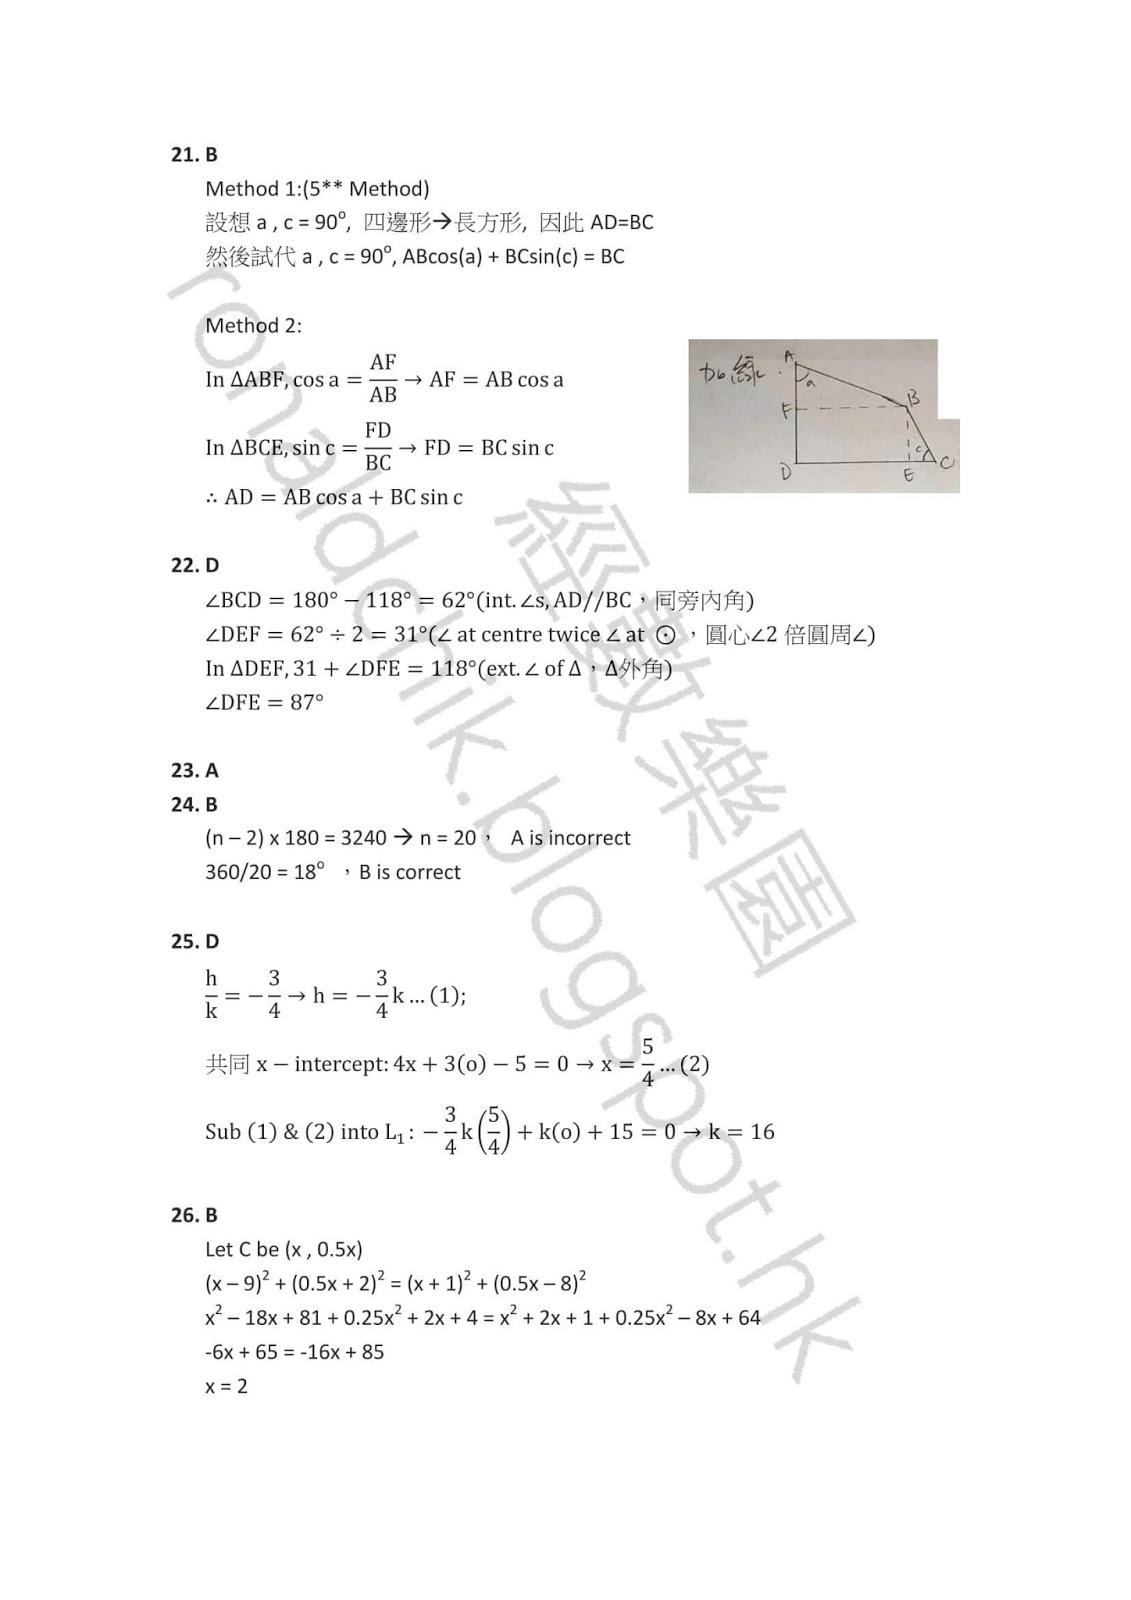 2016 DSE 數學卷二 答案 Q21-26